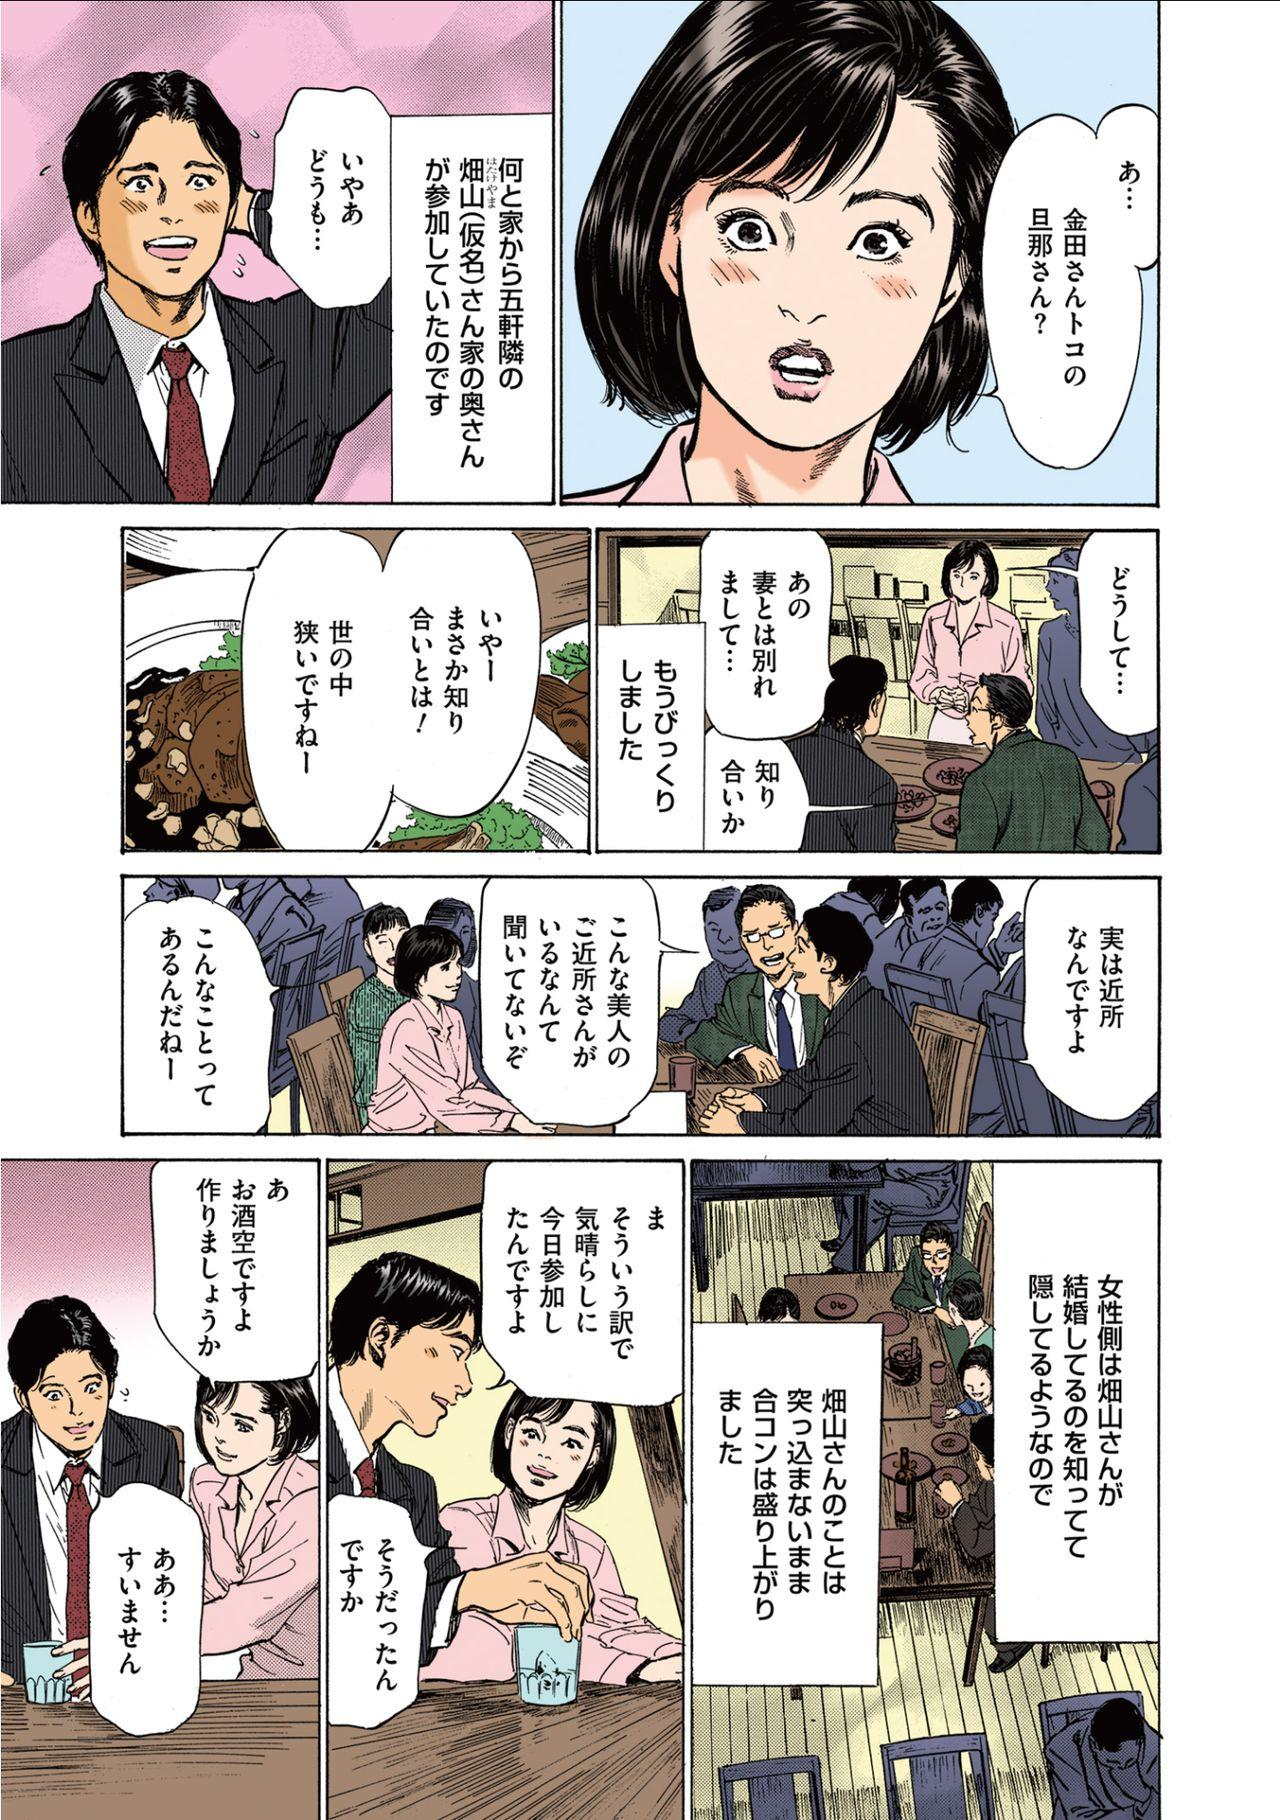 [Hazuki Kaoru] Hazuki Kaoru no Tamaranai Hanashi (Full Color Version) 1-2 86